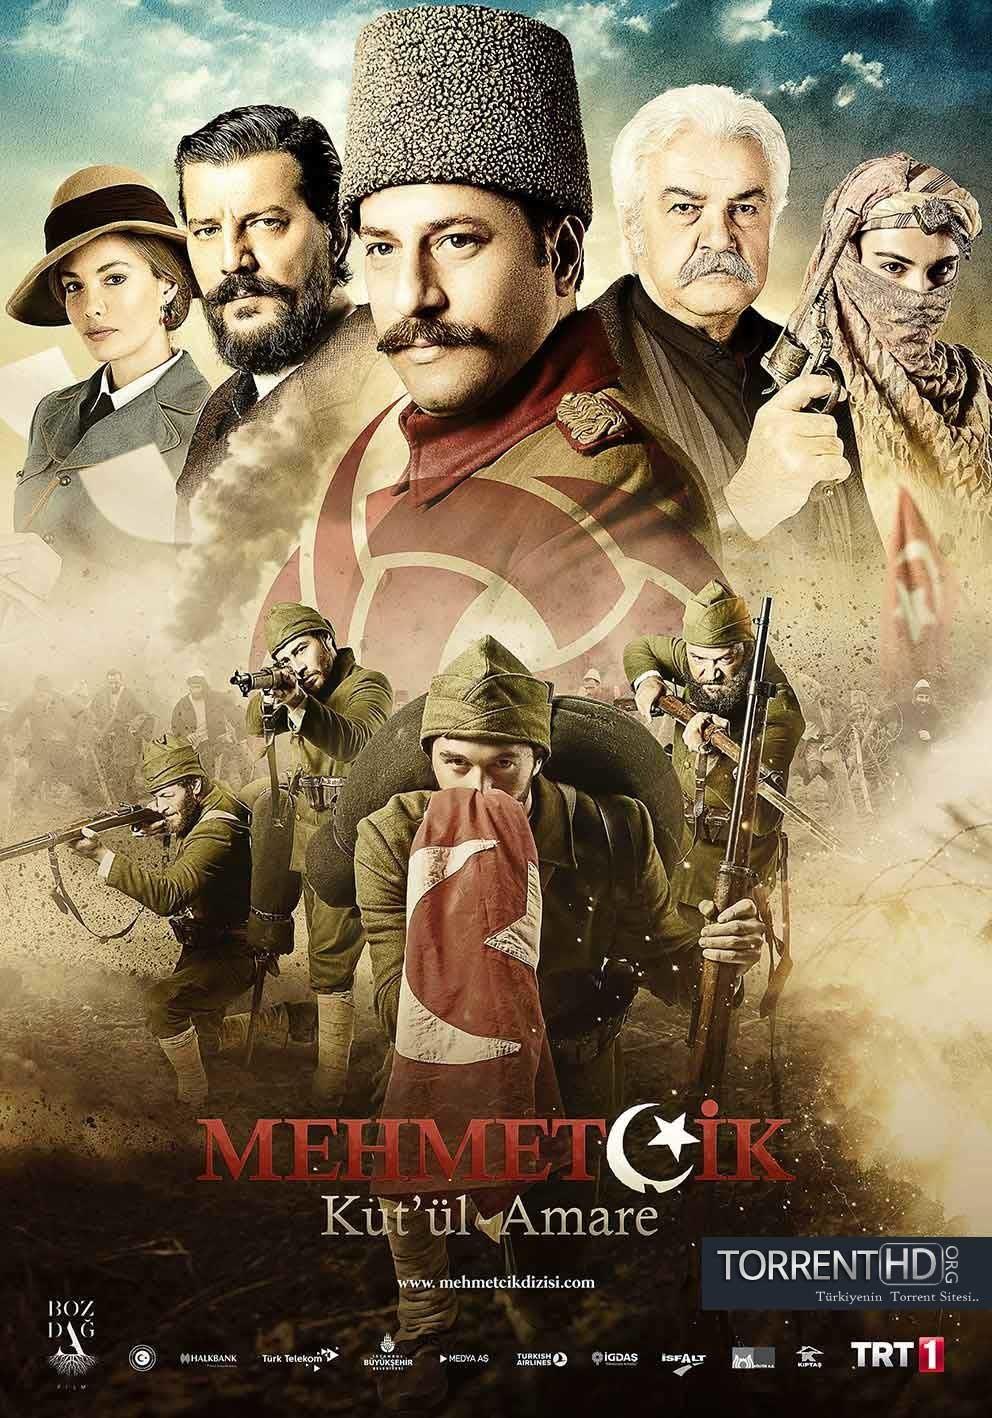 Mehmetçik Kut'ül Amare 16. Bölüm (17.05.2018) Yerli Dizi 720p Torrent indir